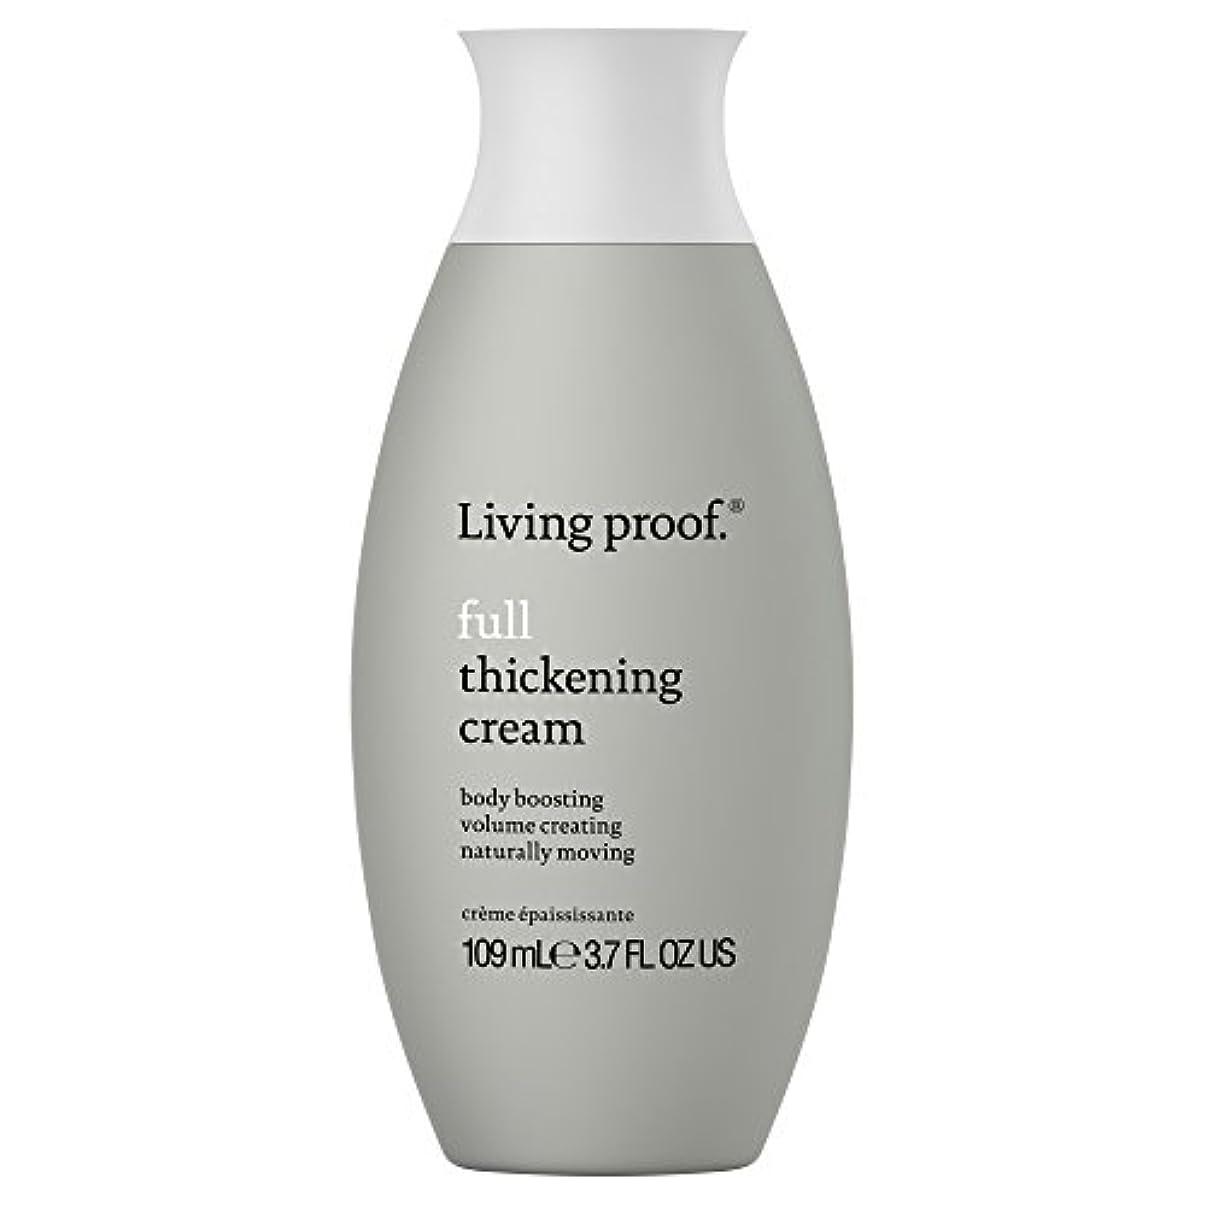 燃やすエクスタシー機密生きている証拠フル肥厚クリーム109ミリリットル (Living Proof) (x2) - Living Proof Full Thickening Cream 109ml (Pack of 2) [並行輸入品]